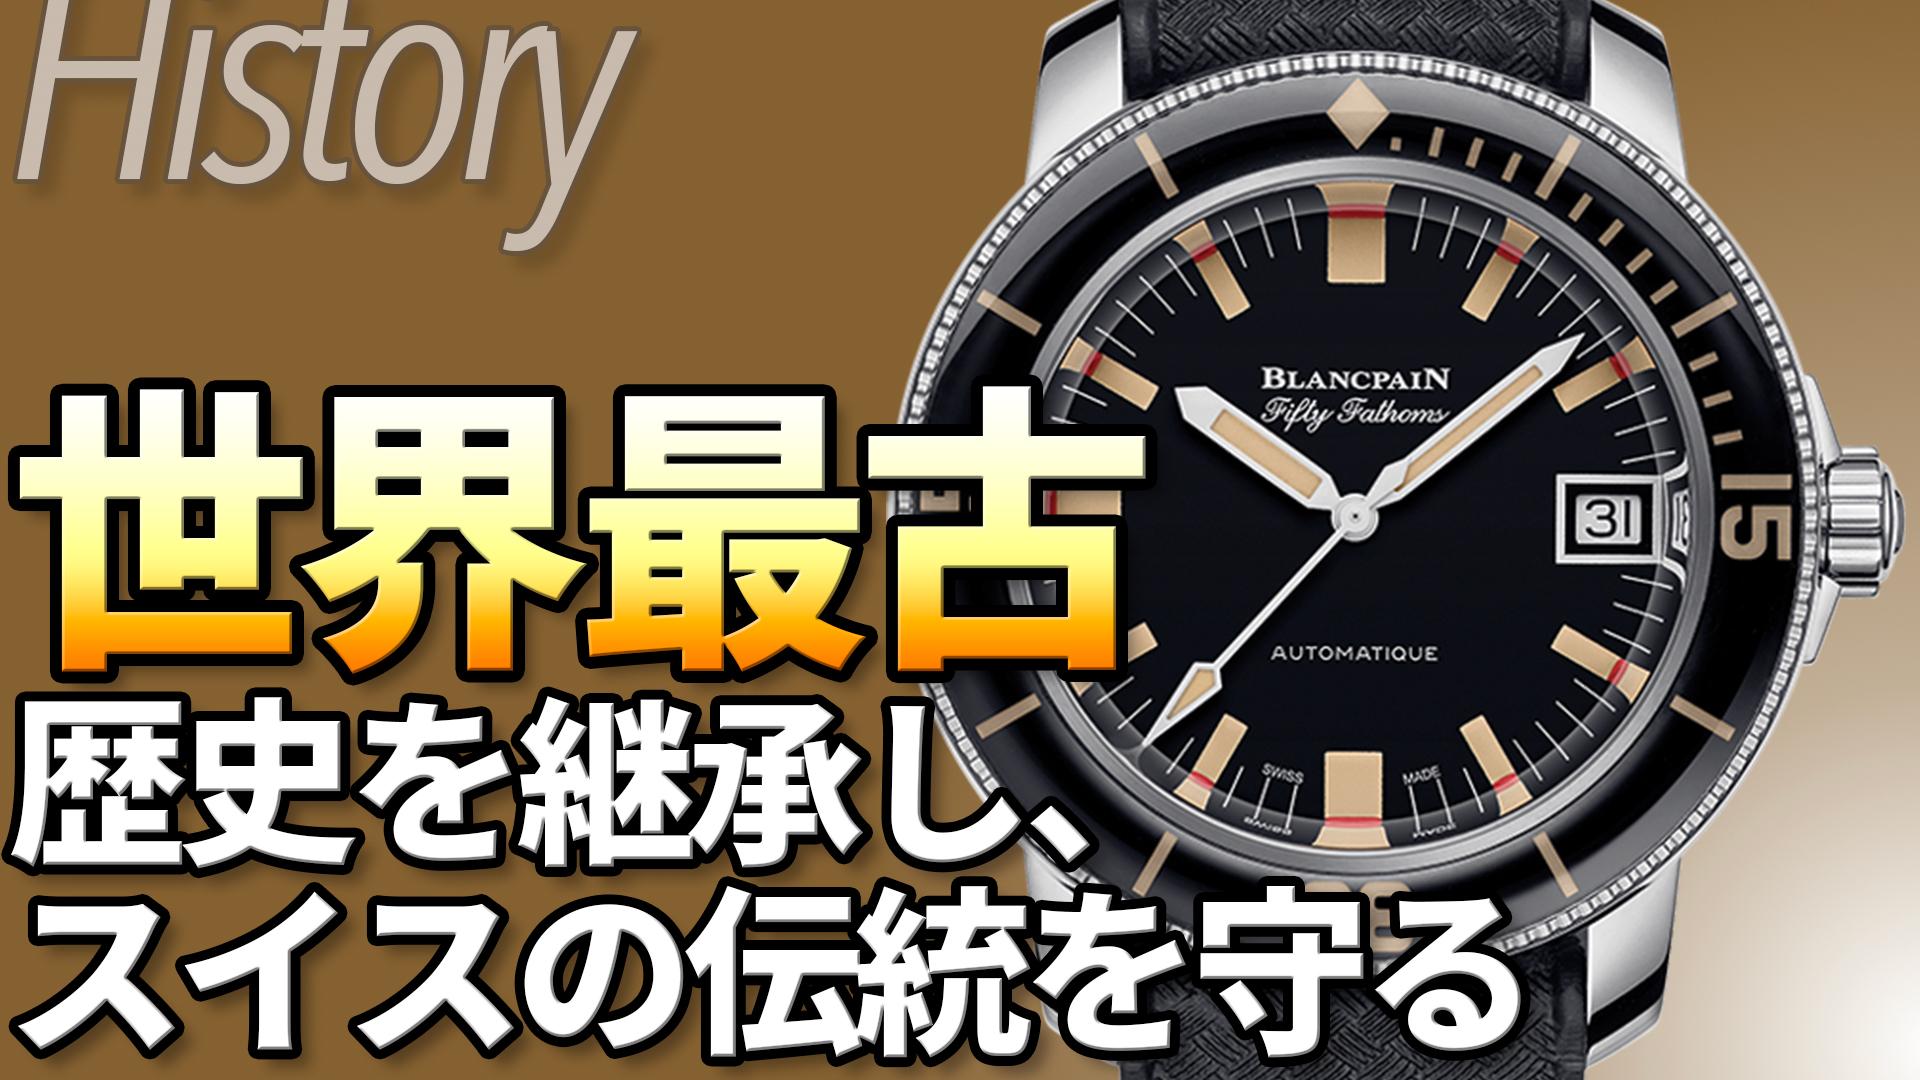 ブランパン BLANCPAIN とは|ブランド誕生と時計コレクションの歴史